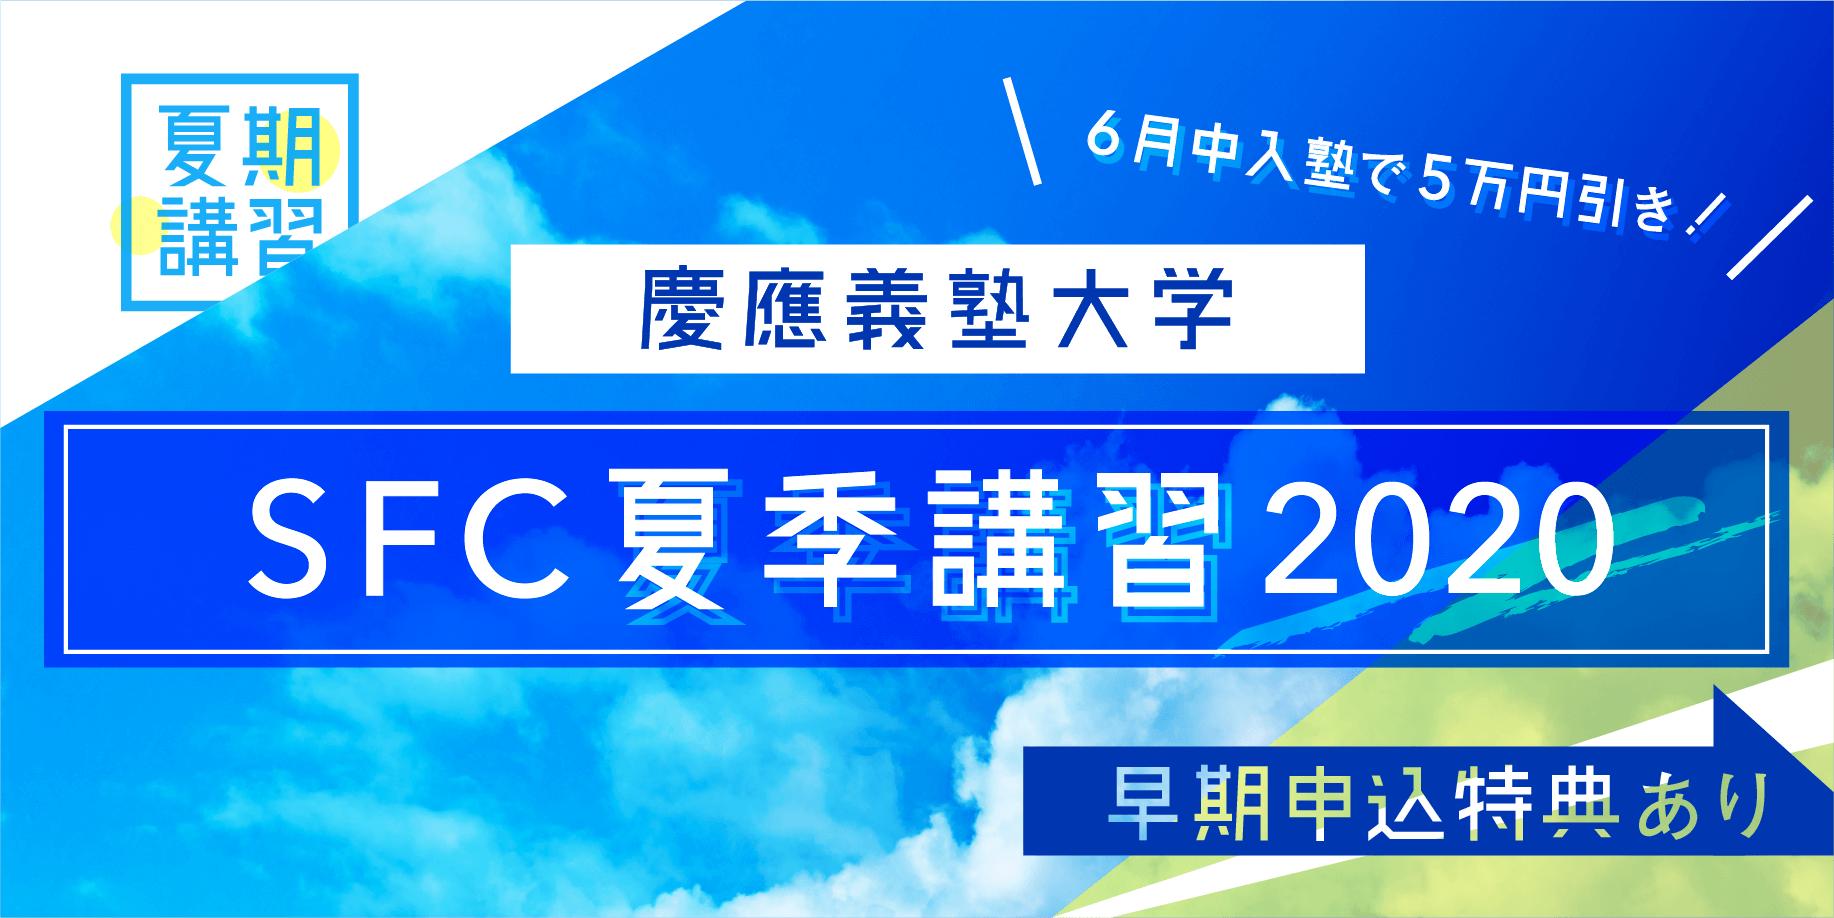 SFC夏期講習2020